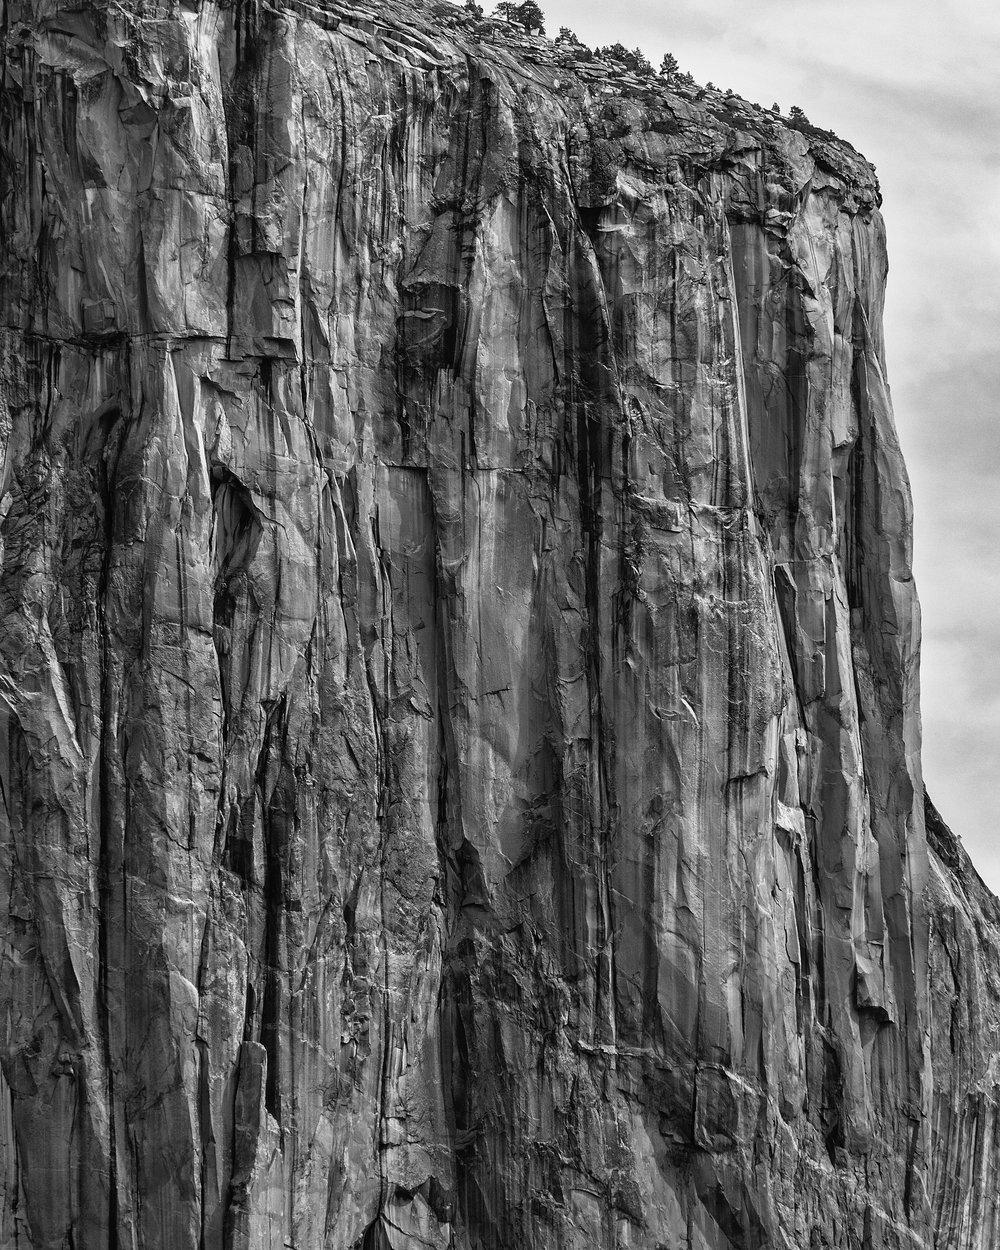 2017_SB_Yosemite_12BW.jpg